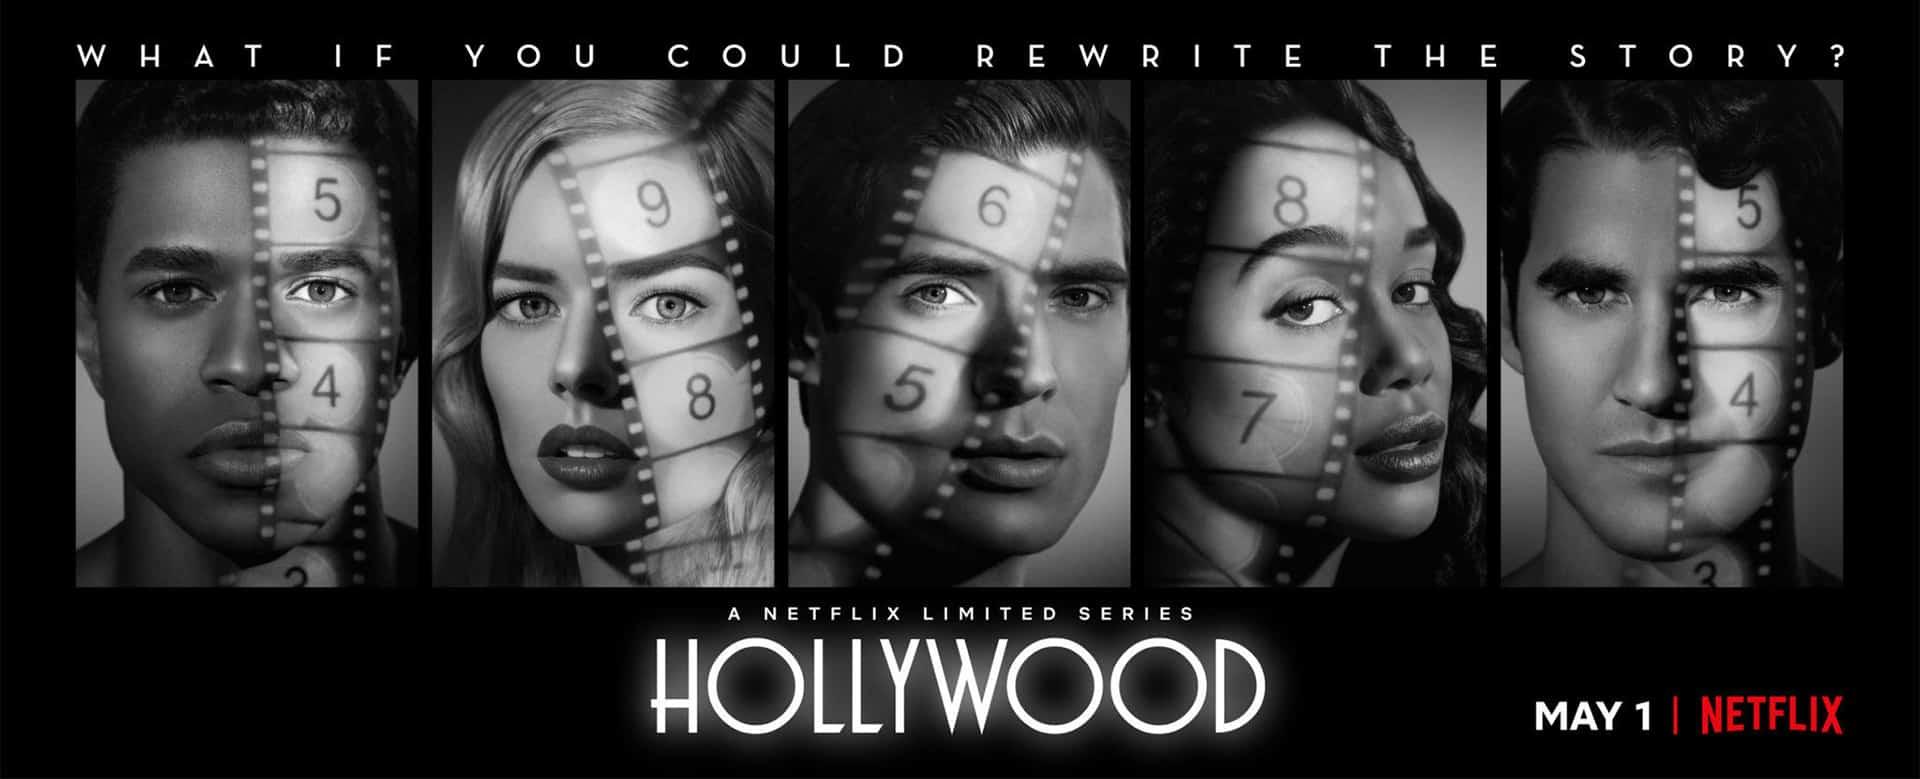 Hollywood, cinematographe.it